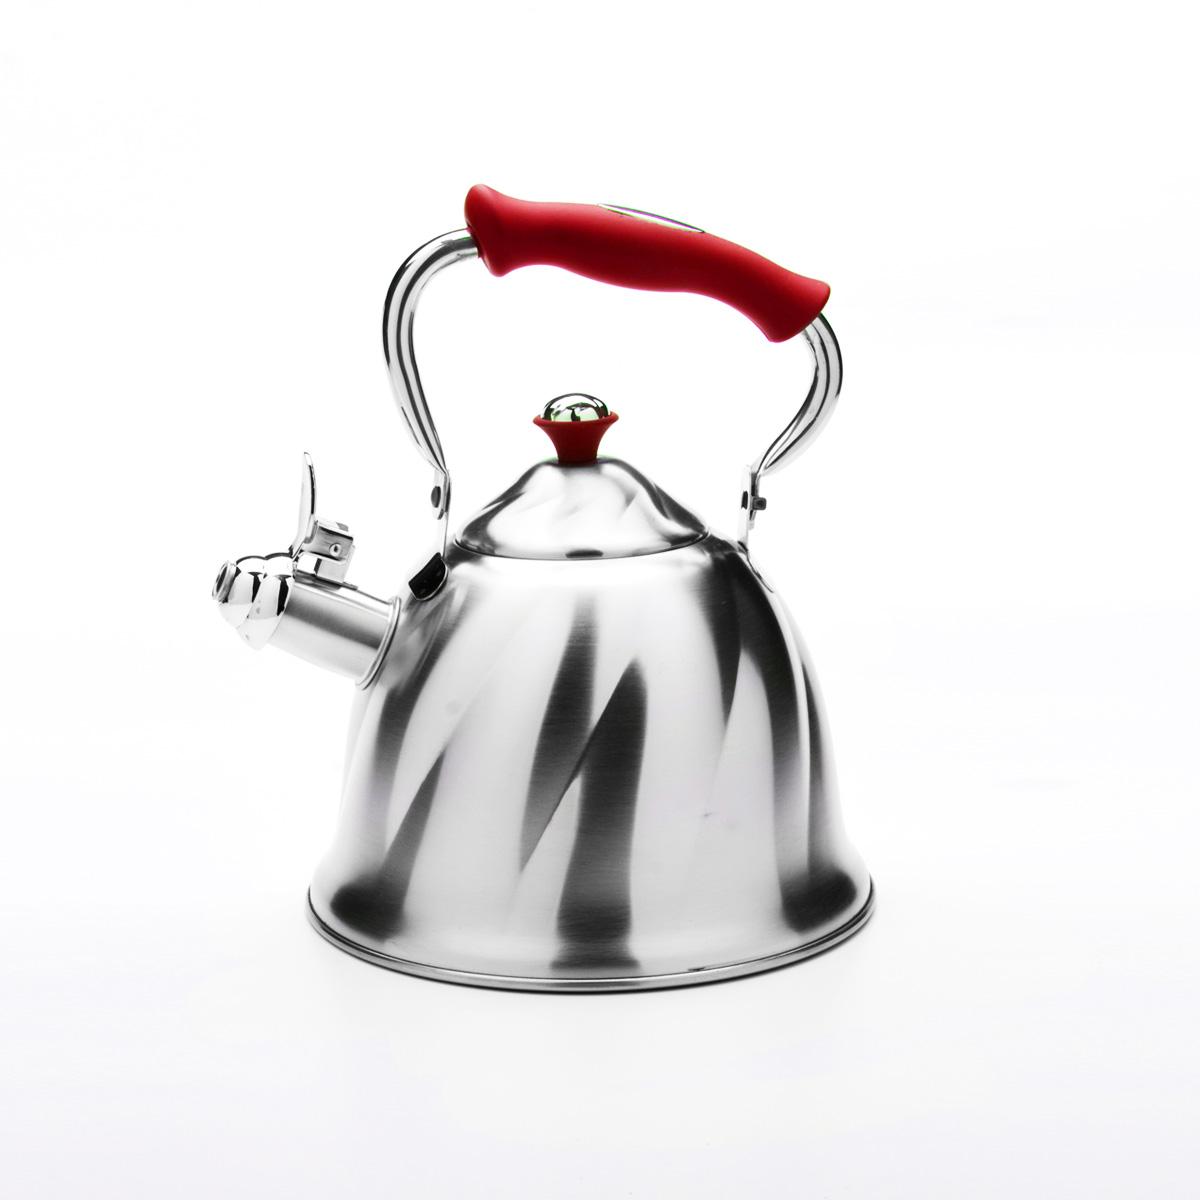 Чайник Mayer & Boch со свистком, цвет: красный, 3 л. 2377668/5/3Чайник Mayer & Boch выполнен из высококачественной нержавеющей стали, что обеспечивает долговечность использования. Внешнее матовоепокрытие придает приятный внешний вид. Фиксированная ручка из бакелита делает использование чайника очень удобным и безопасным. Чайник снабжен свистком и устройством для открывания носика. Можно мыть в посудомоечной машине. Пригоден для всех видов плит, кроме индукционных. Высота чайника (без учета крышки и ручки): 13 см.Диаметр основания: 21 см.